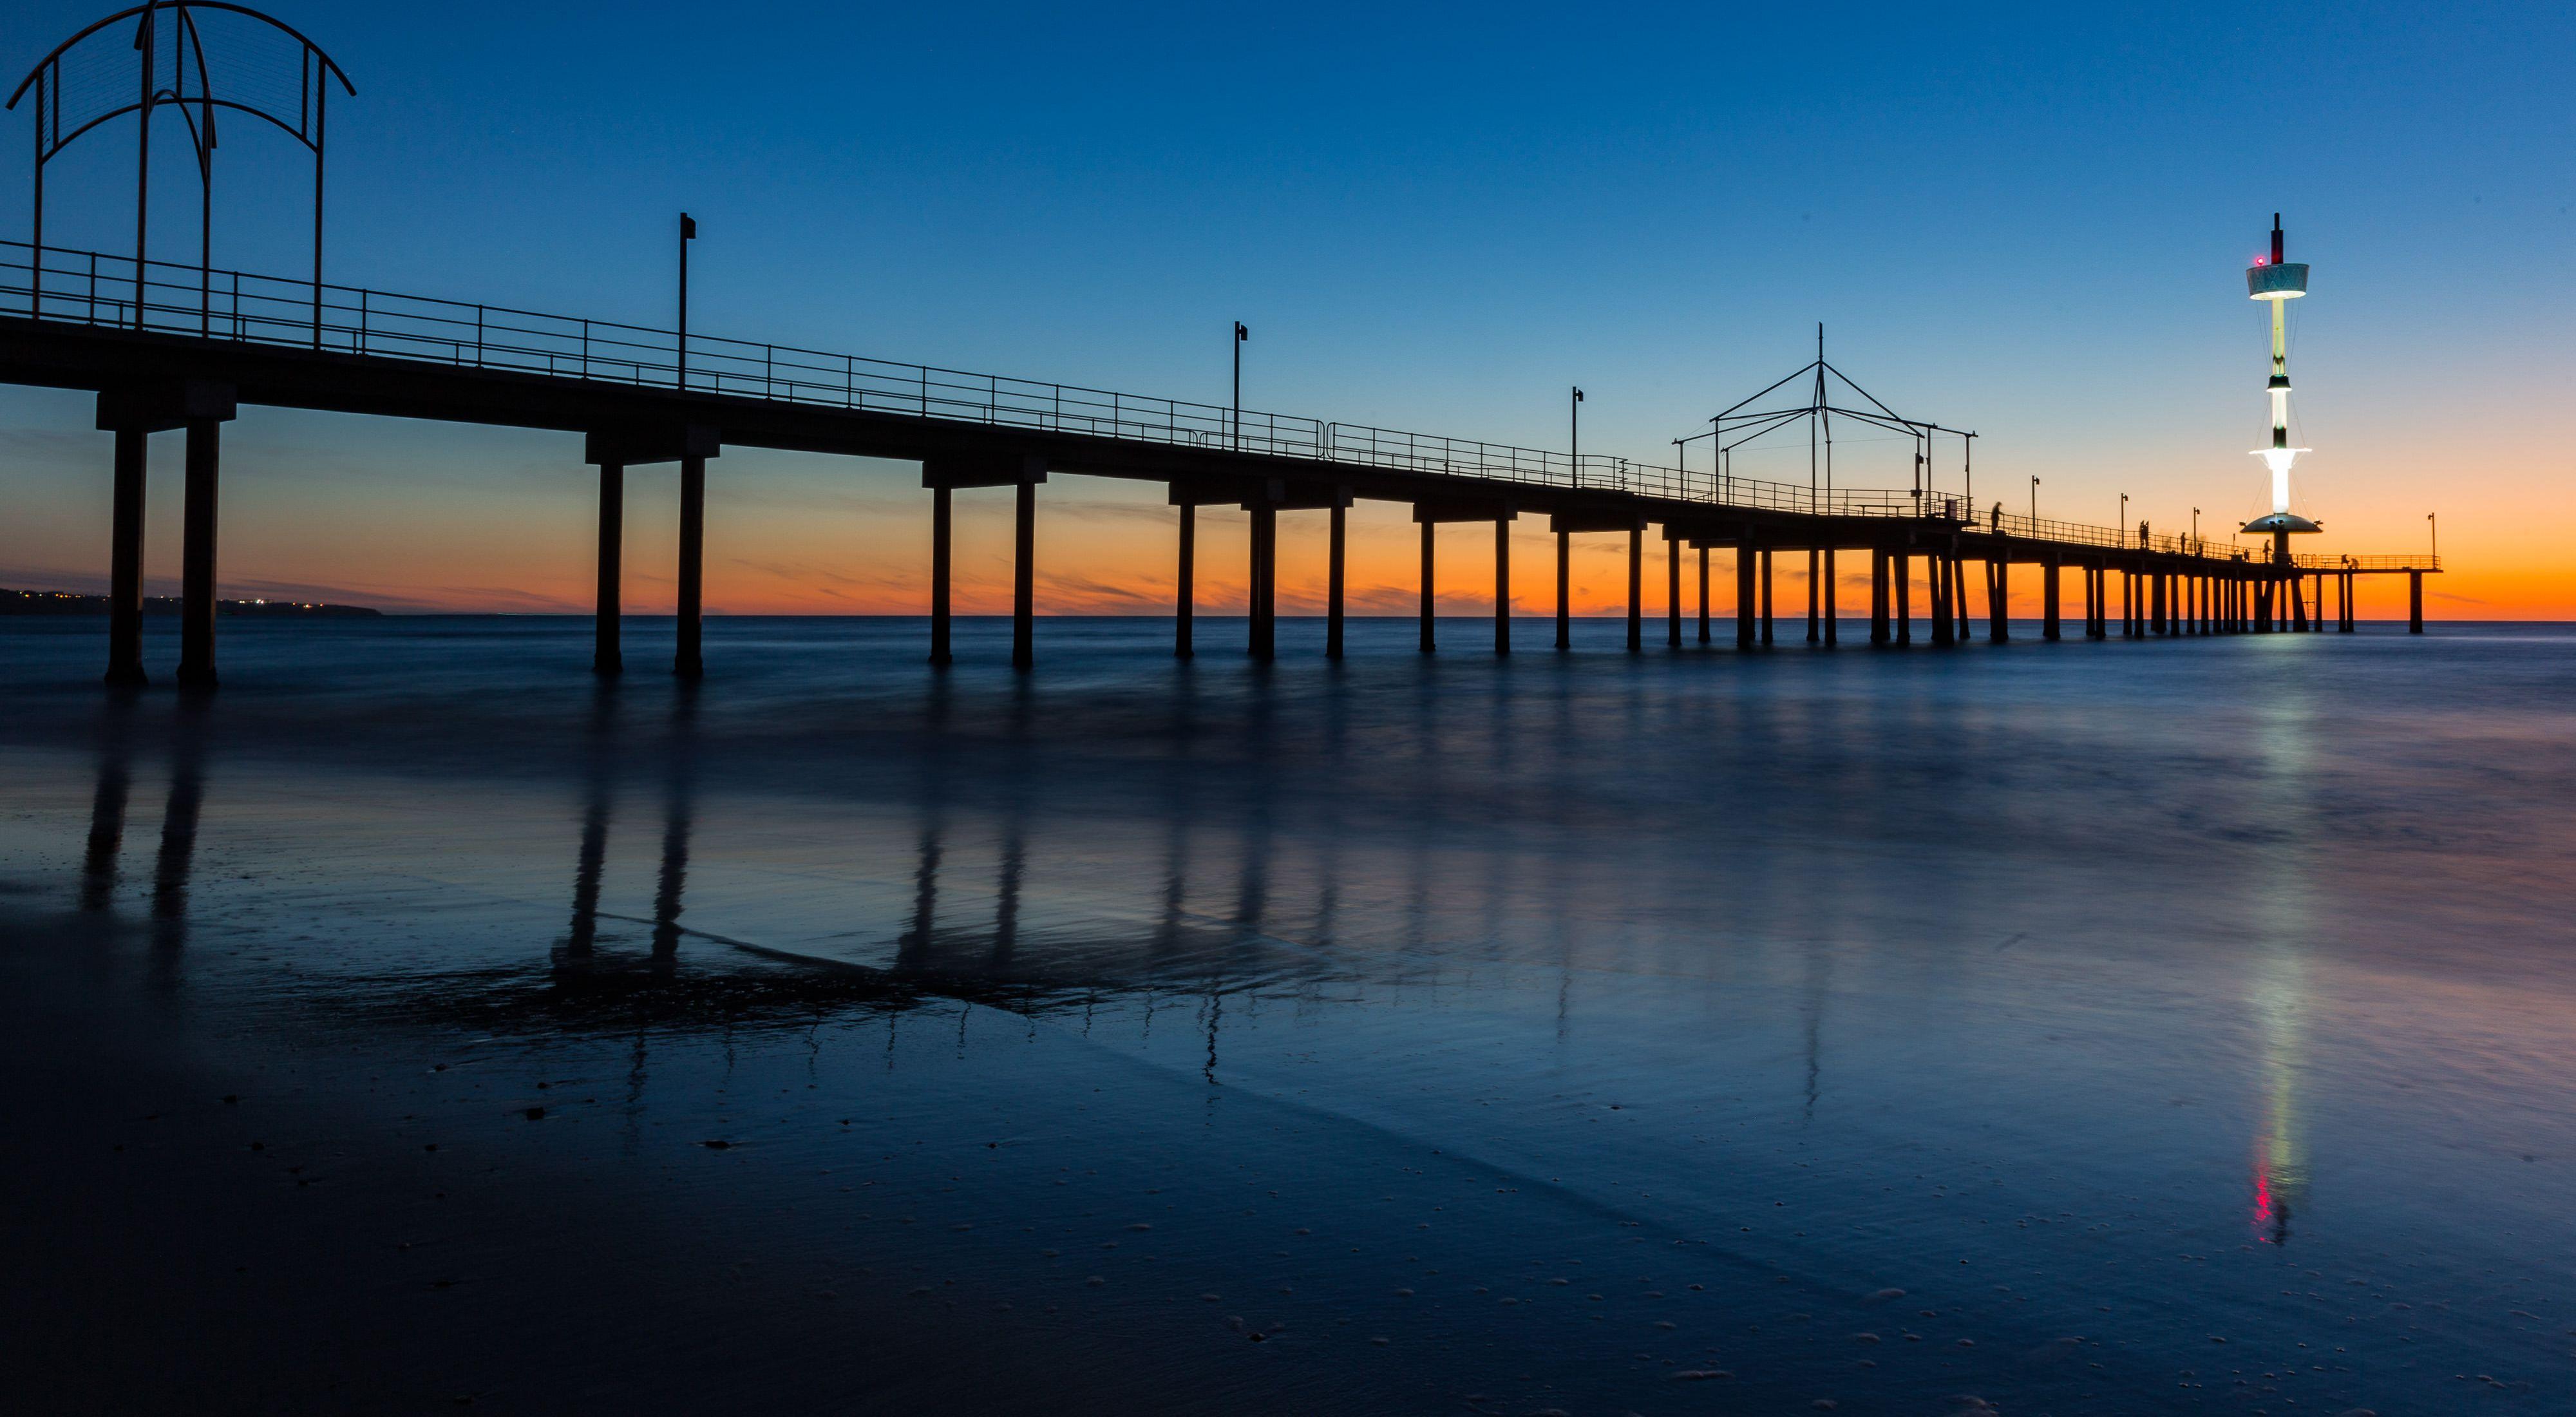 a bridge at dusk